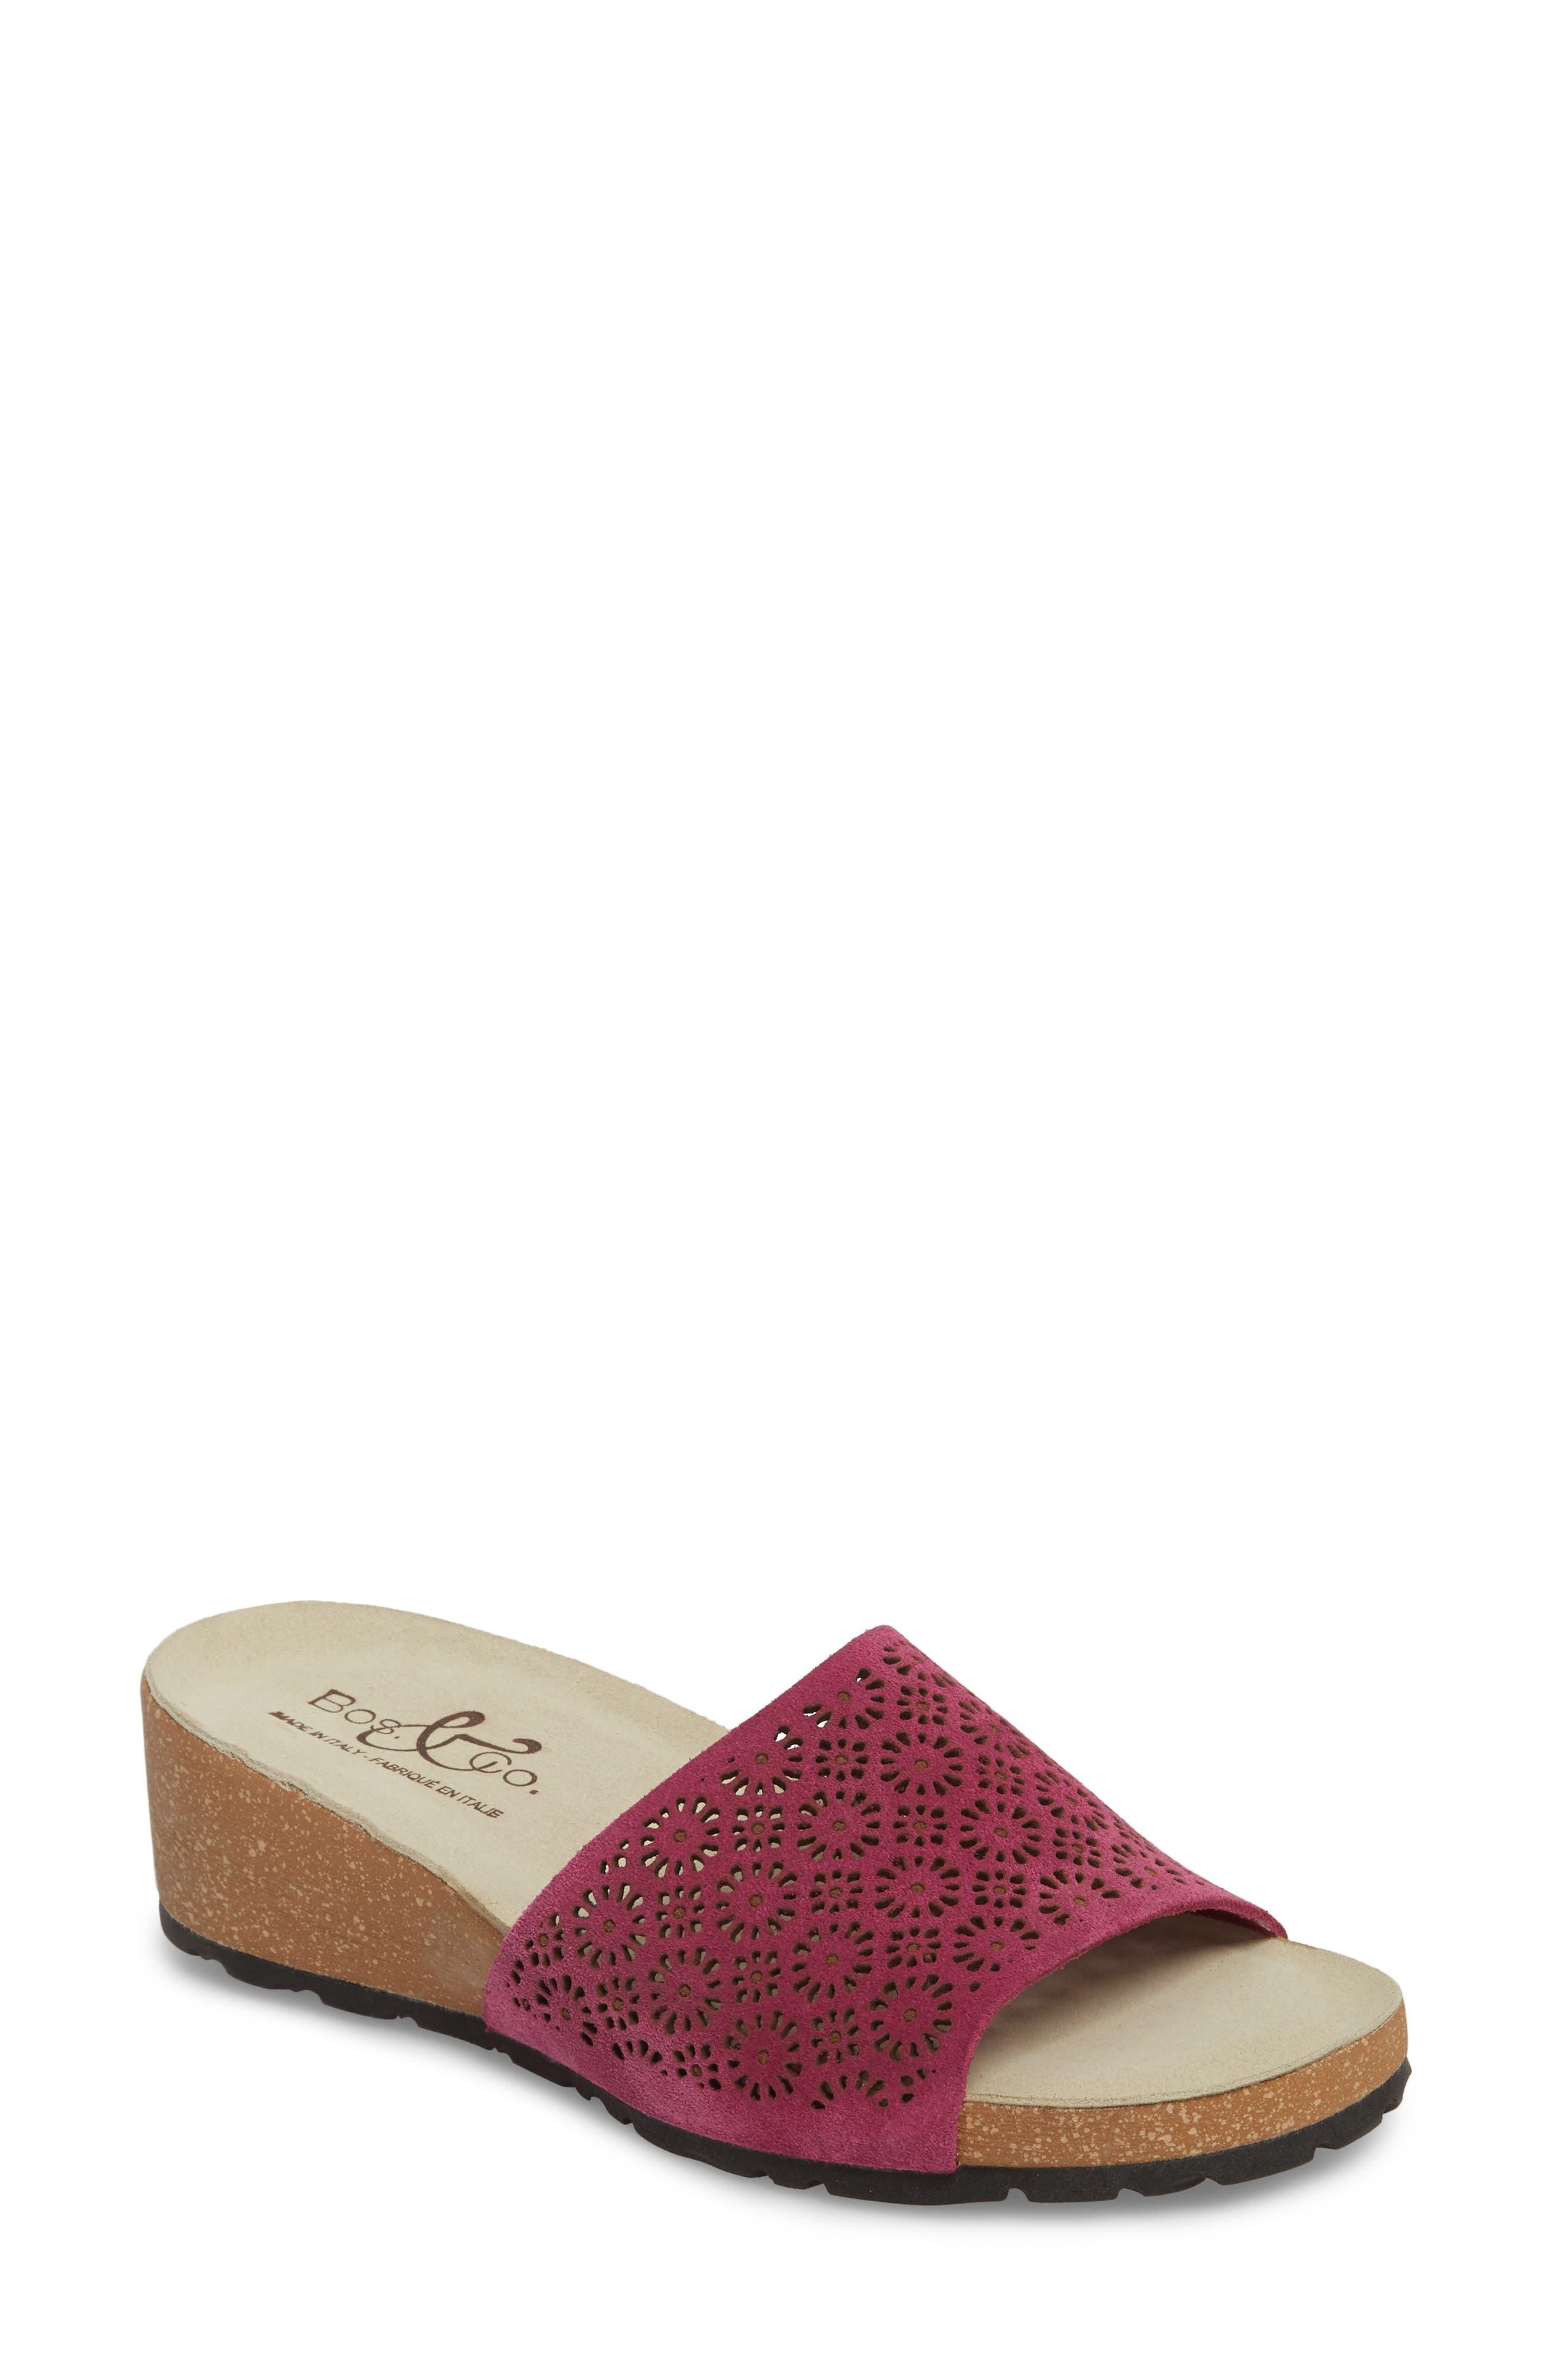 Loa Wedge Slide Sandal,                             Main thumbnail 1, color,                             Fuchsia Suede